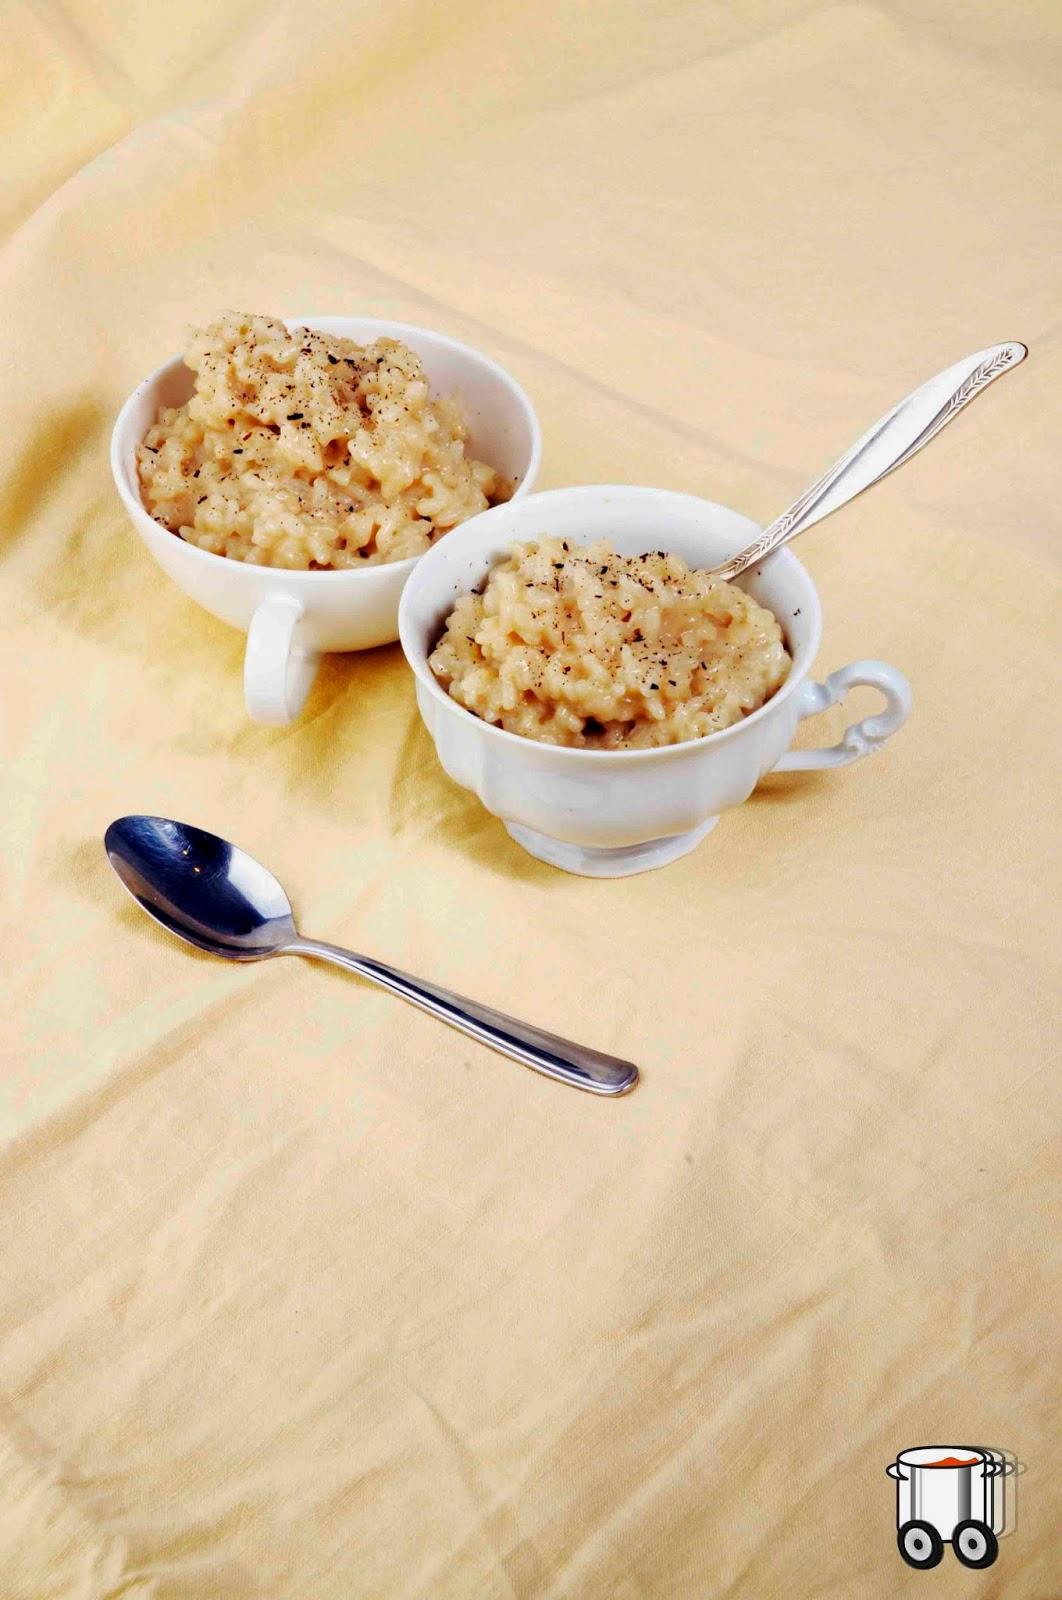 Szybko Tanio Smacznie - Ryż na mleku (bez glutenu, bez laktozy, wegański)